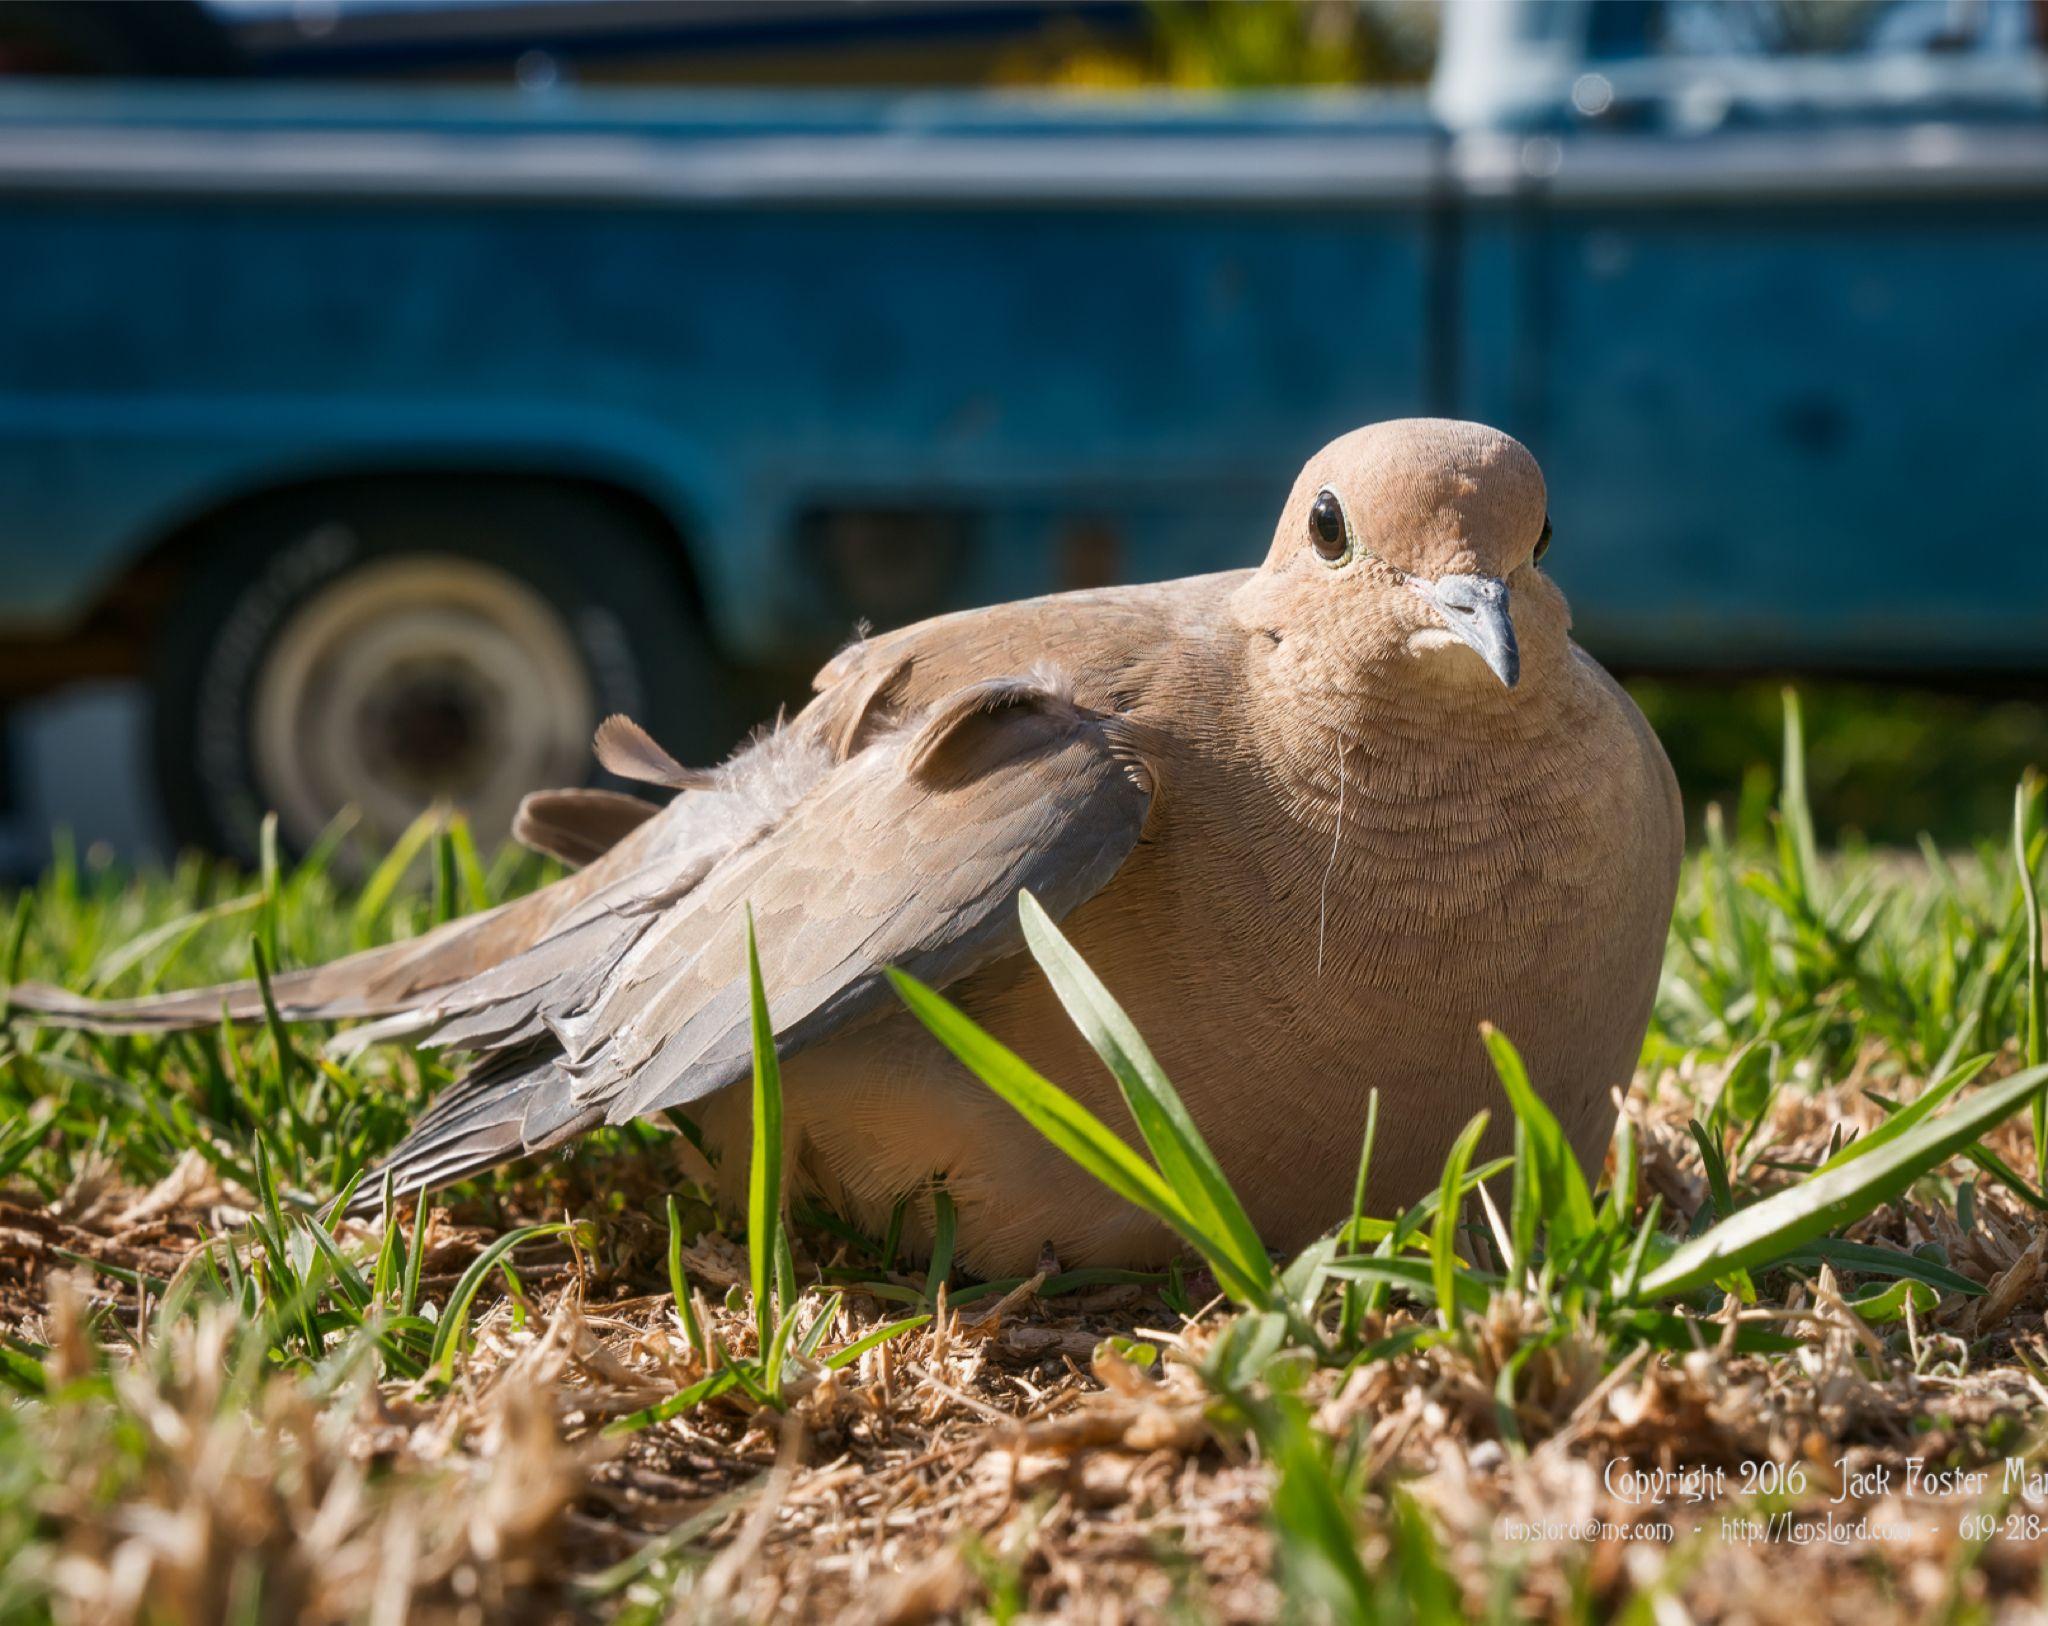 Broken Winged Dove - Poor Baby - Bird Rescue Called ...